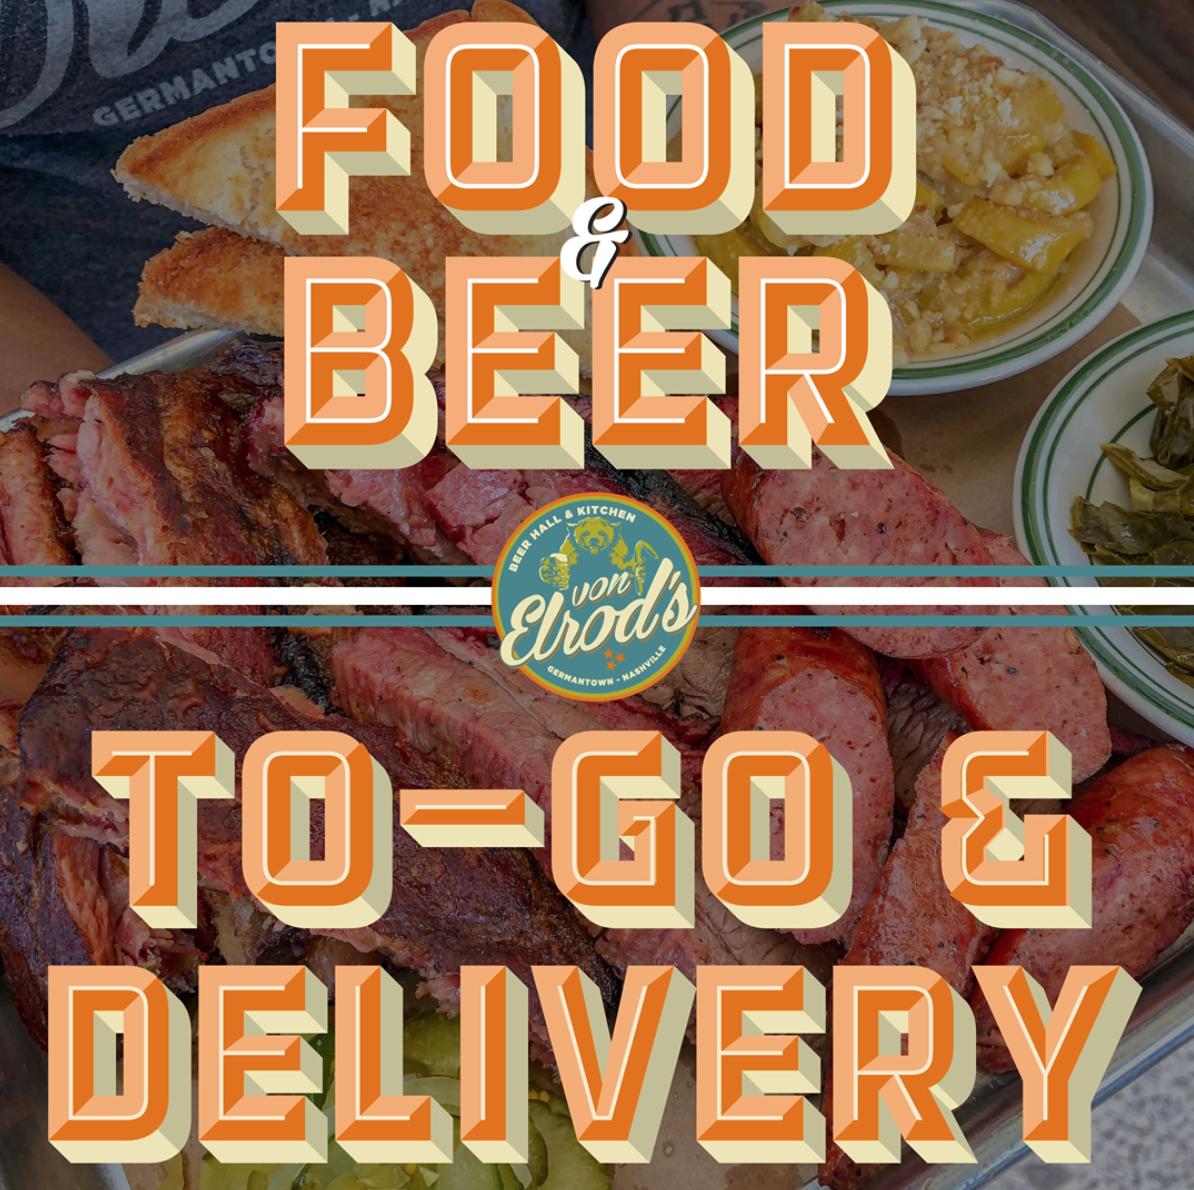 Nashville Booze Beer Delivery Takeout In 2020 Beer Booze Nashville